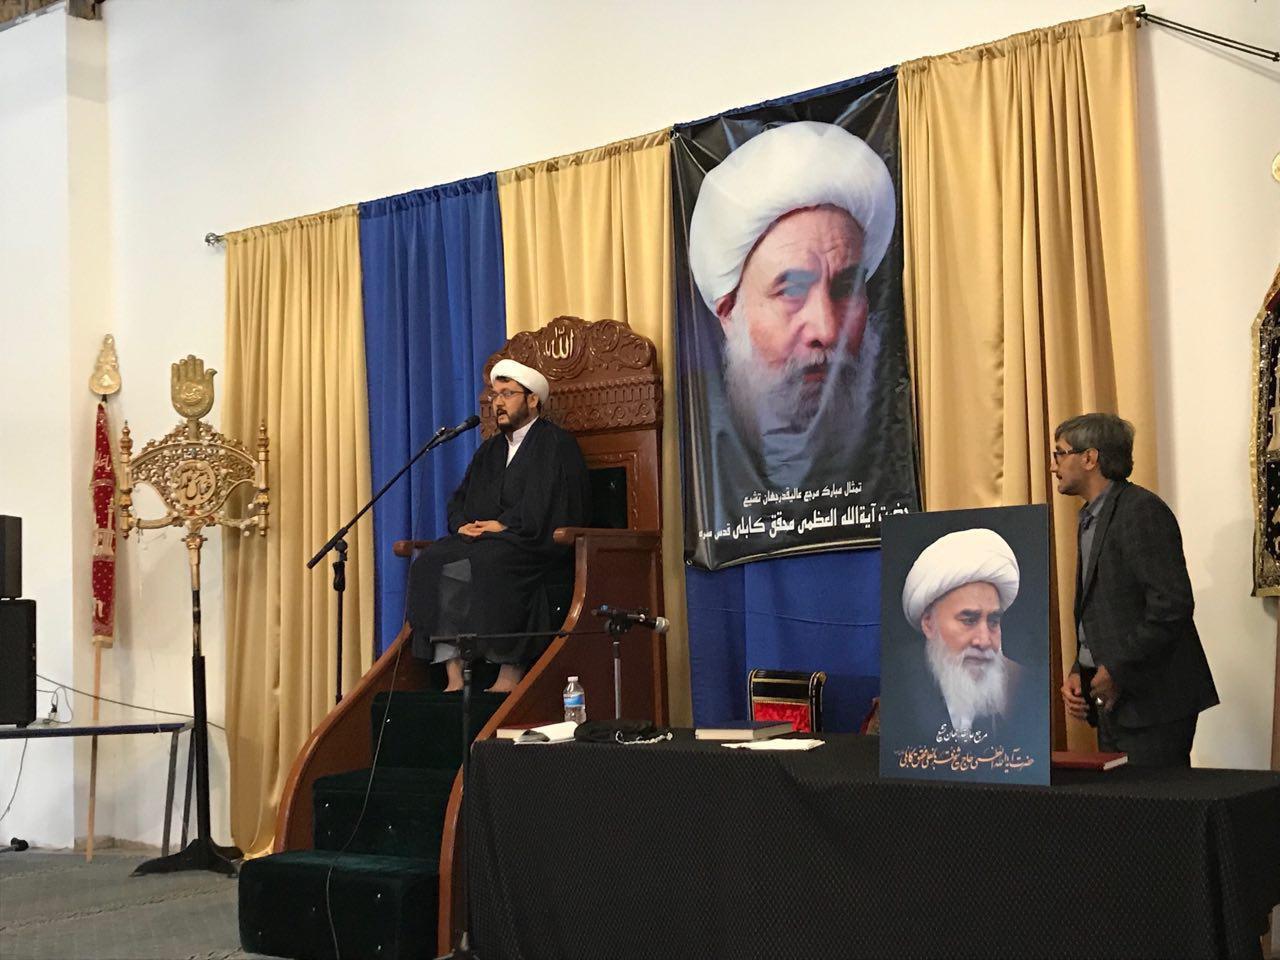 تصویر مراسم چهلمین روز ارتحال آیت الله العظمی محقق کابلی در انگلیس